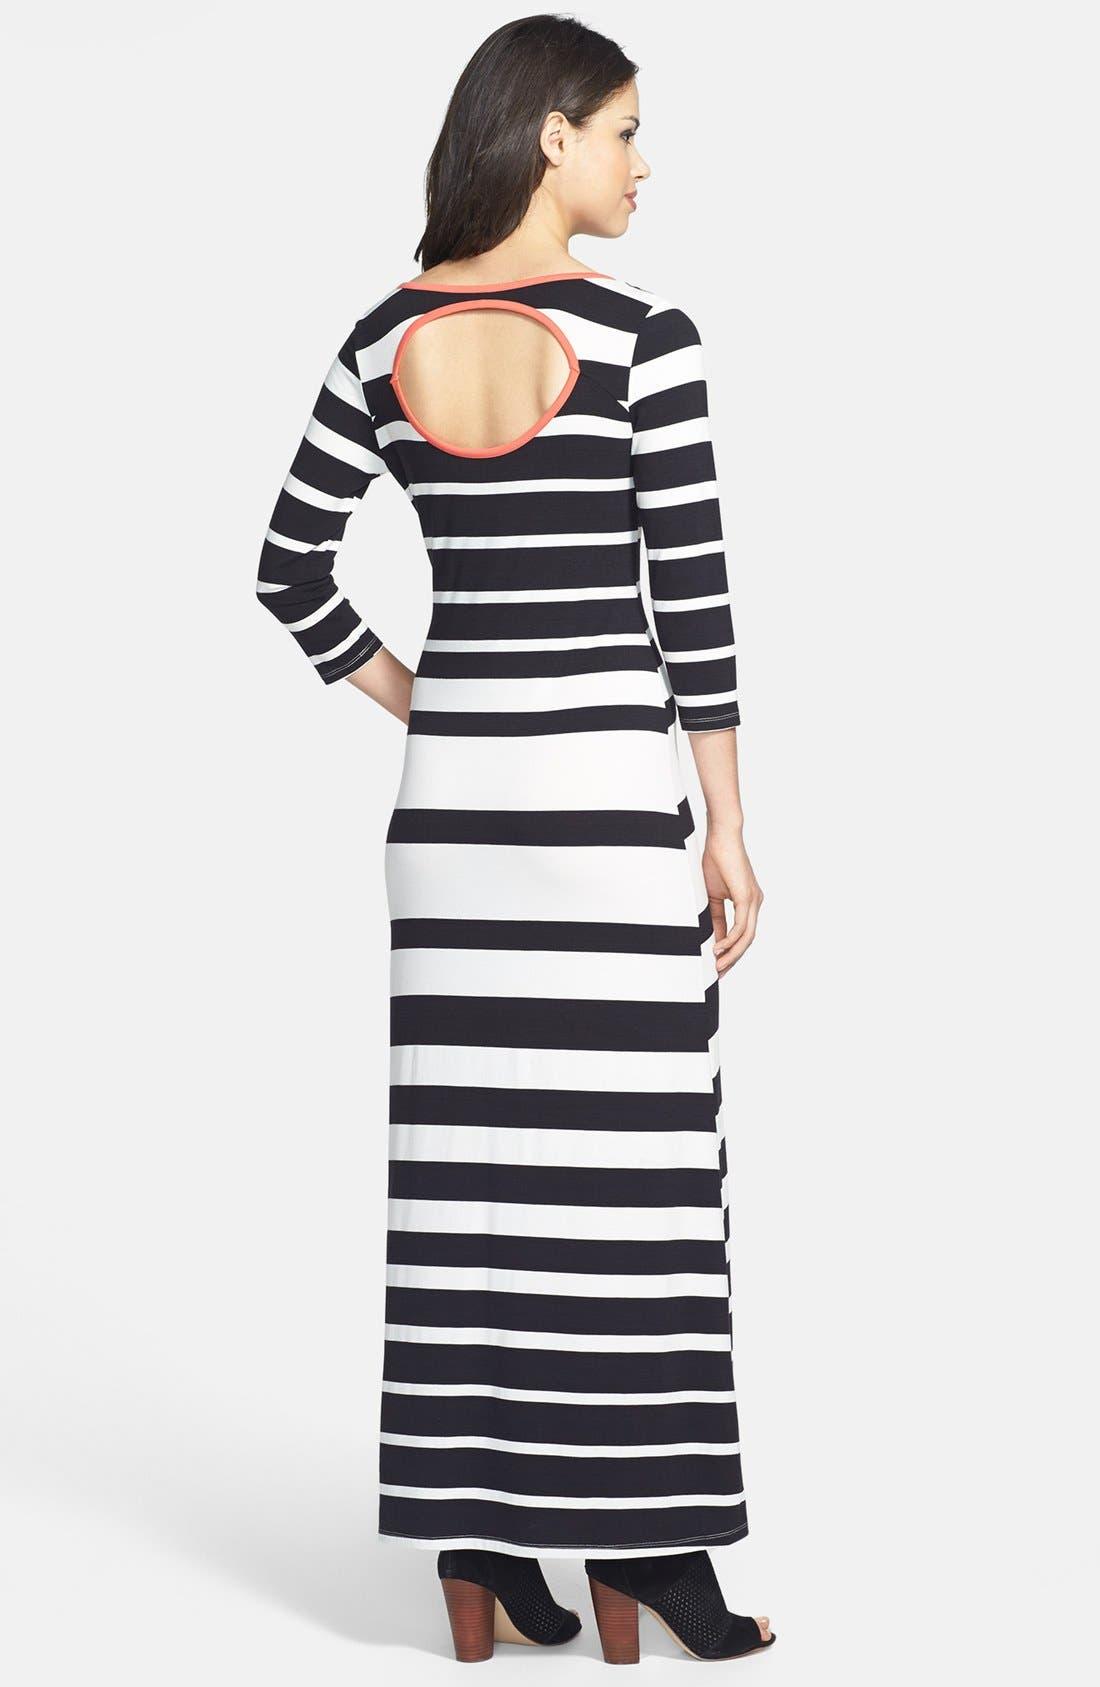 JESSICA SIMPSON,                             'Reah' Stripe Maxi Dress,                             Alternate thumbnail 3, color,                             001